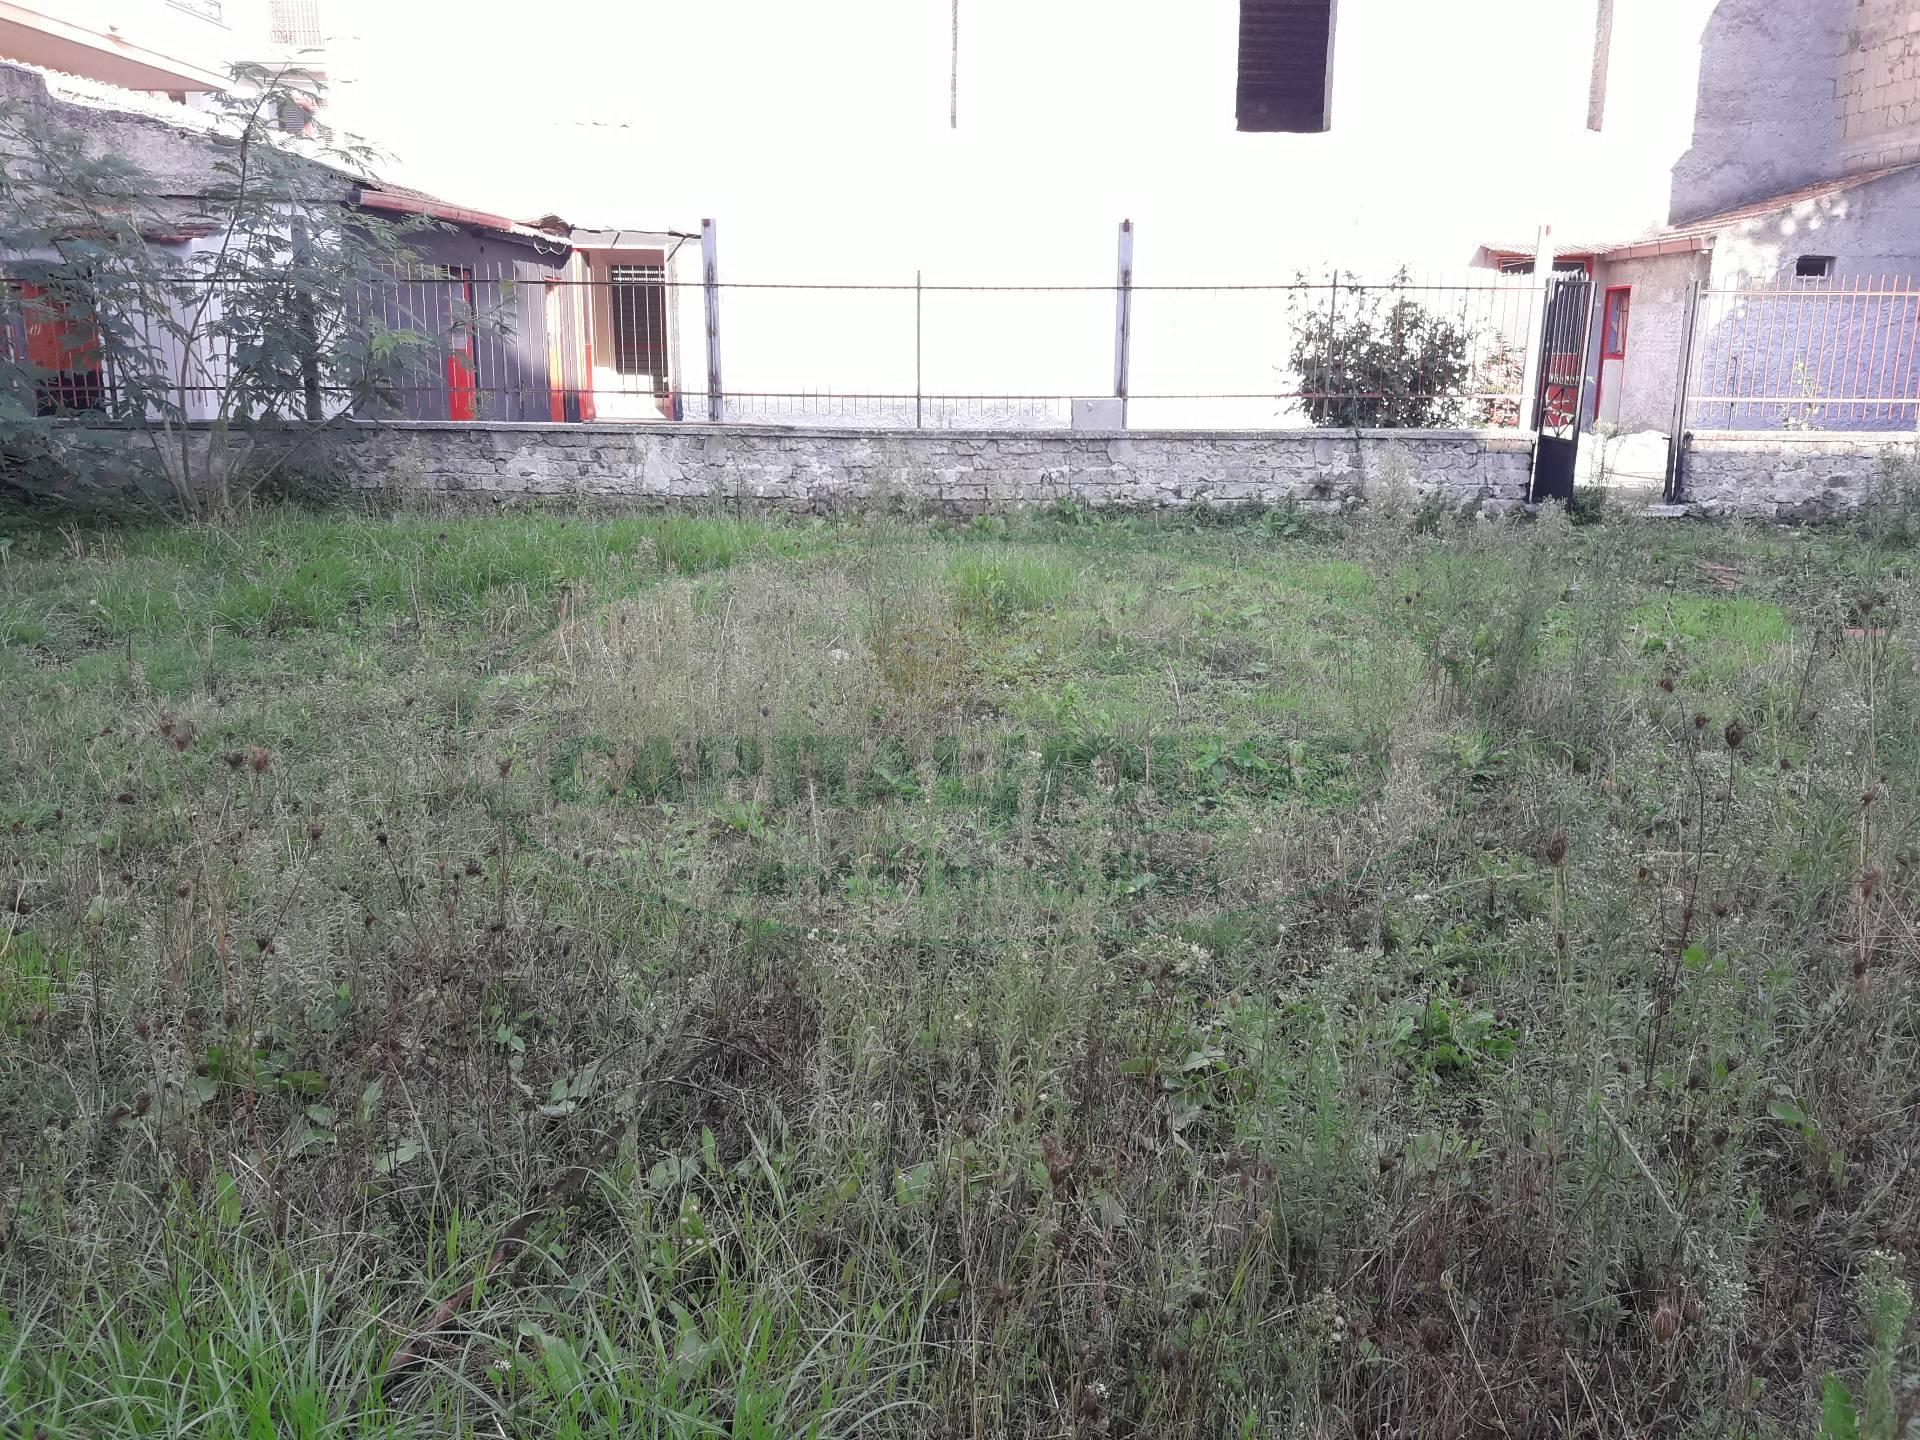 Soluzione Indipendente in vendita a Portico di Caserta, 4 locali, prezzo € 340.000 | CambioCasa.it